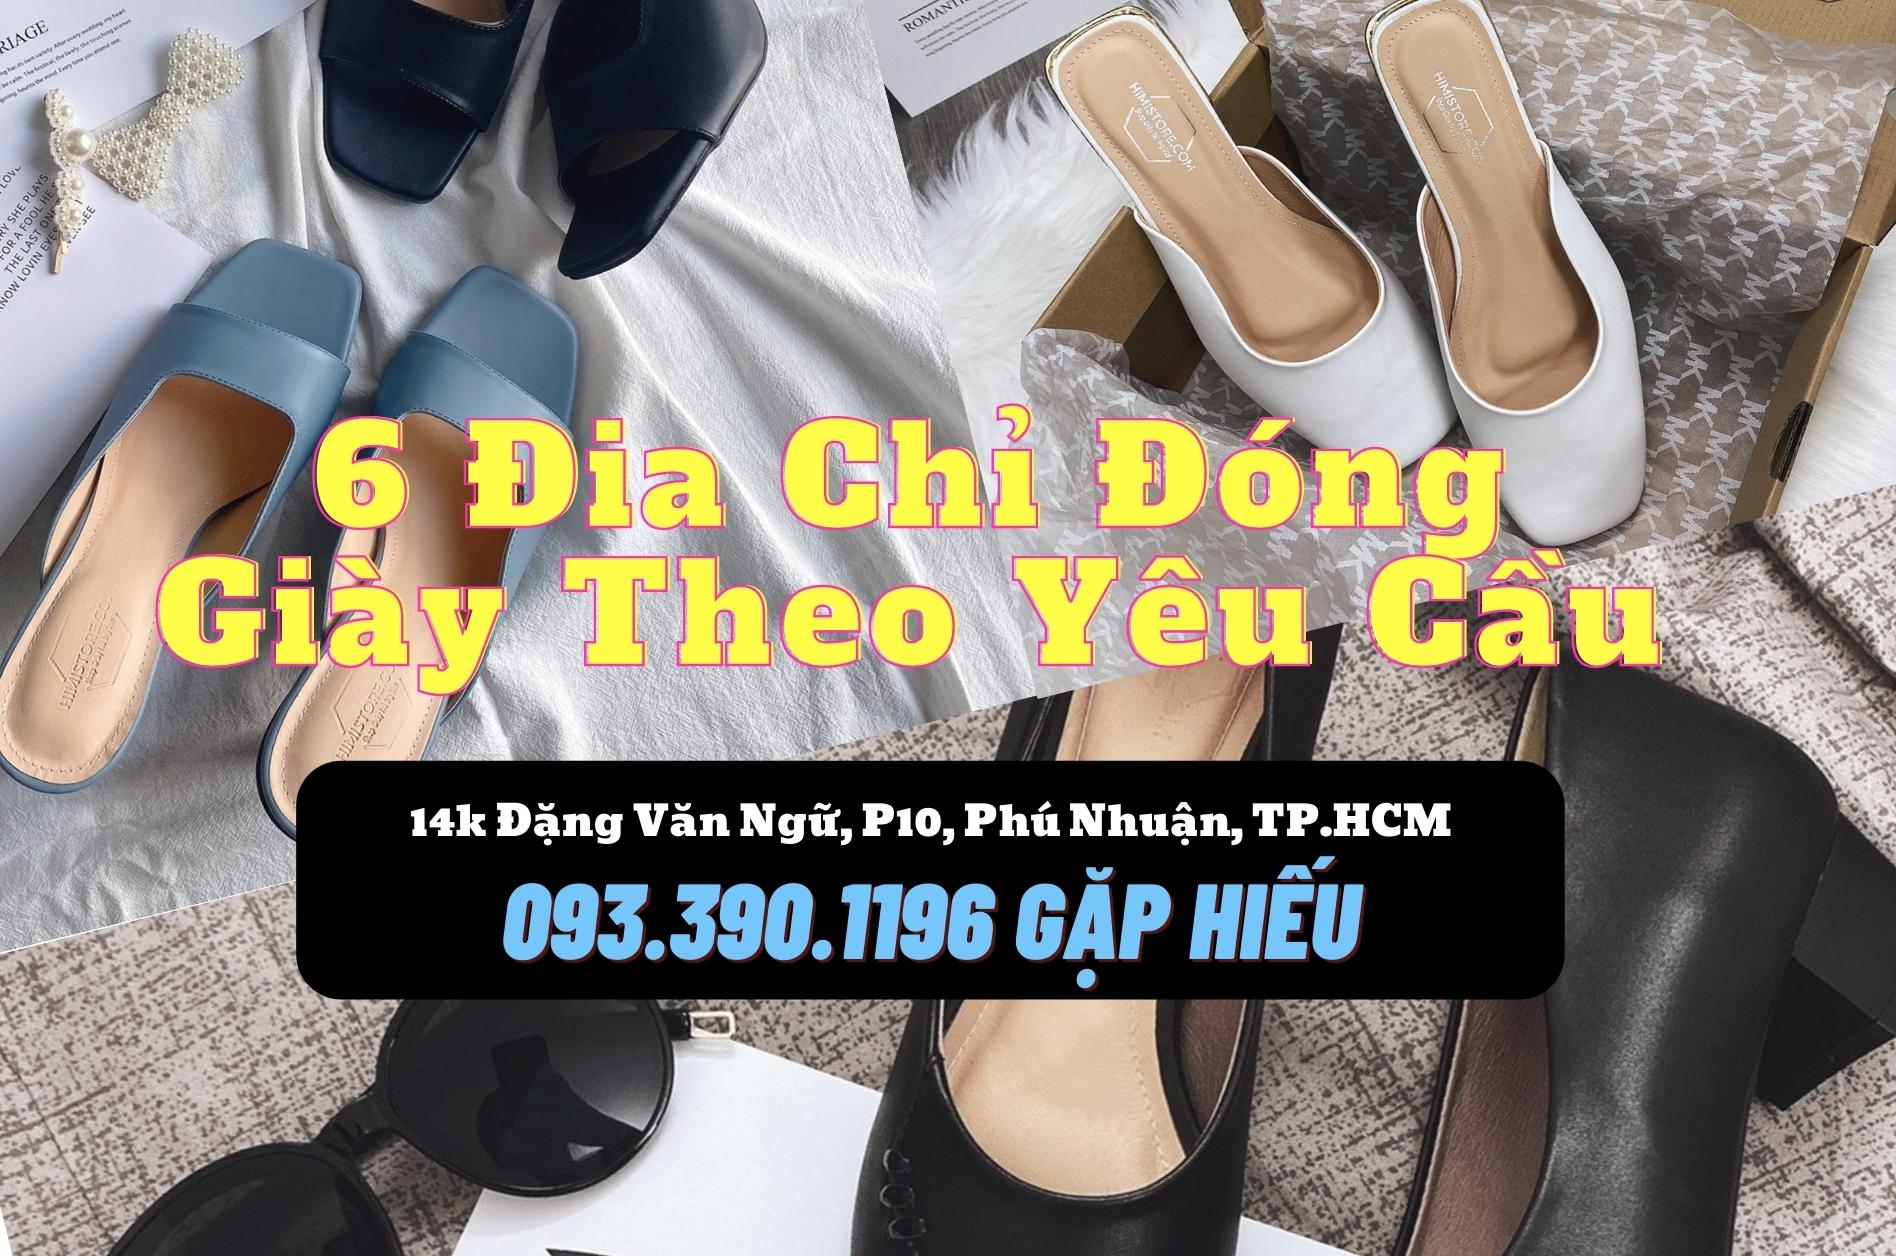 14k Đặng Văn Ngữ, P10, Phú Nhuận, TP.HCM